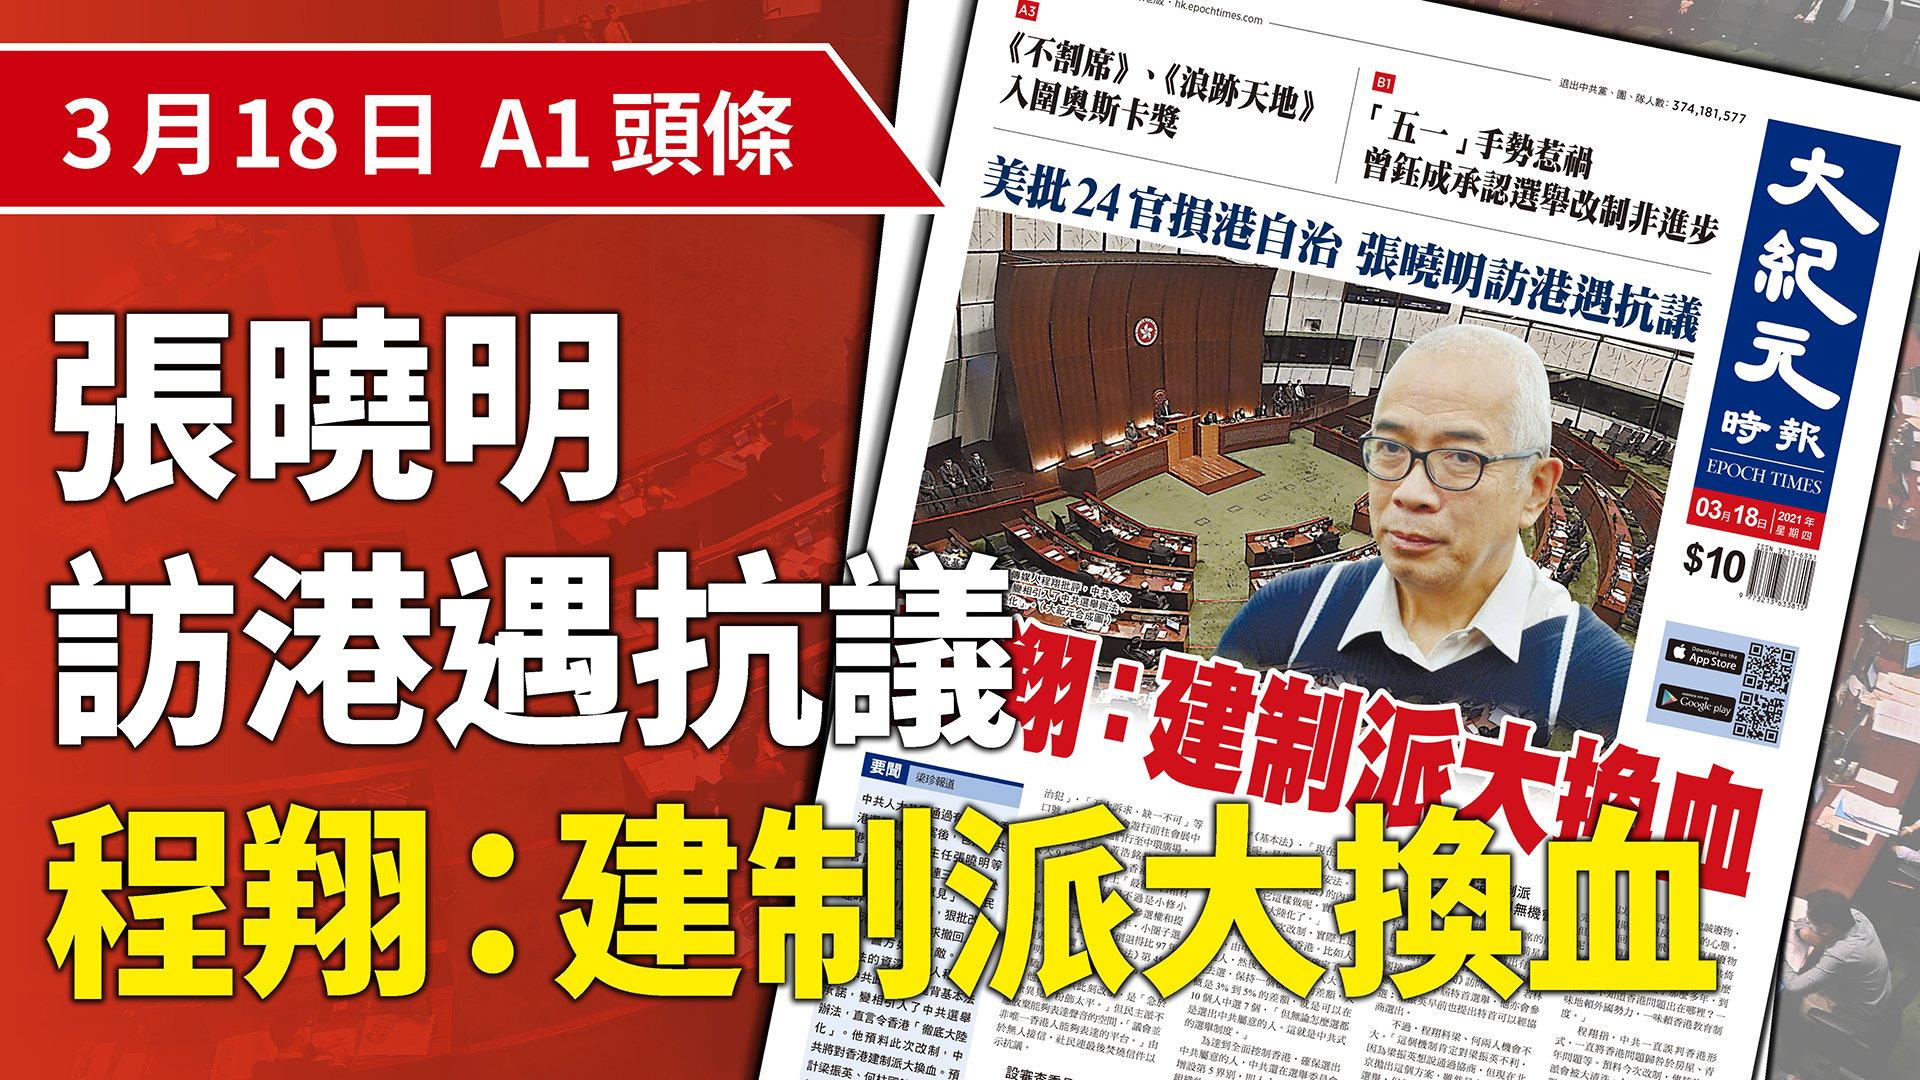 研究基本法的資深傳媒人程翔批評,中共今次改制違背基本法承諾,變相引入了中共選舉辦法,直言令香港「徹底大陸化」。(大紀元製圖)